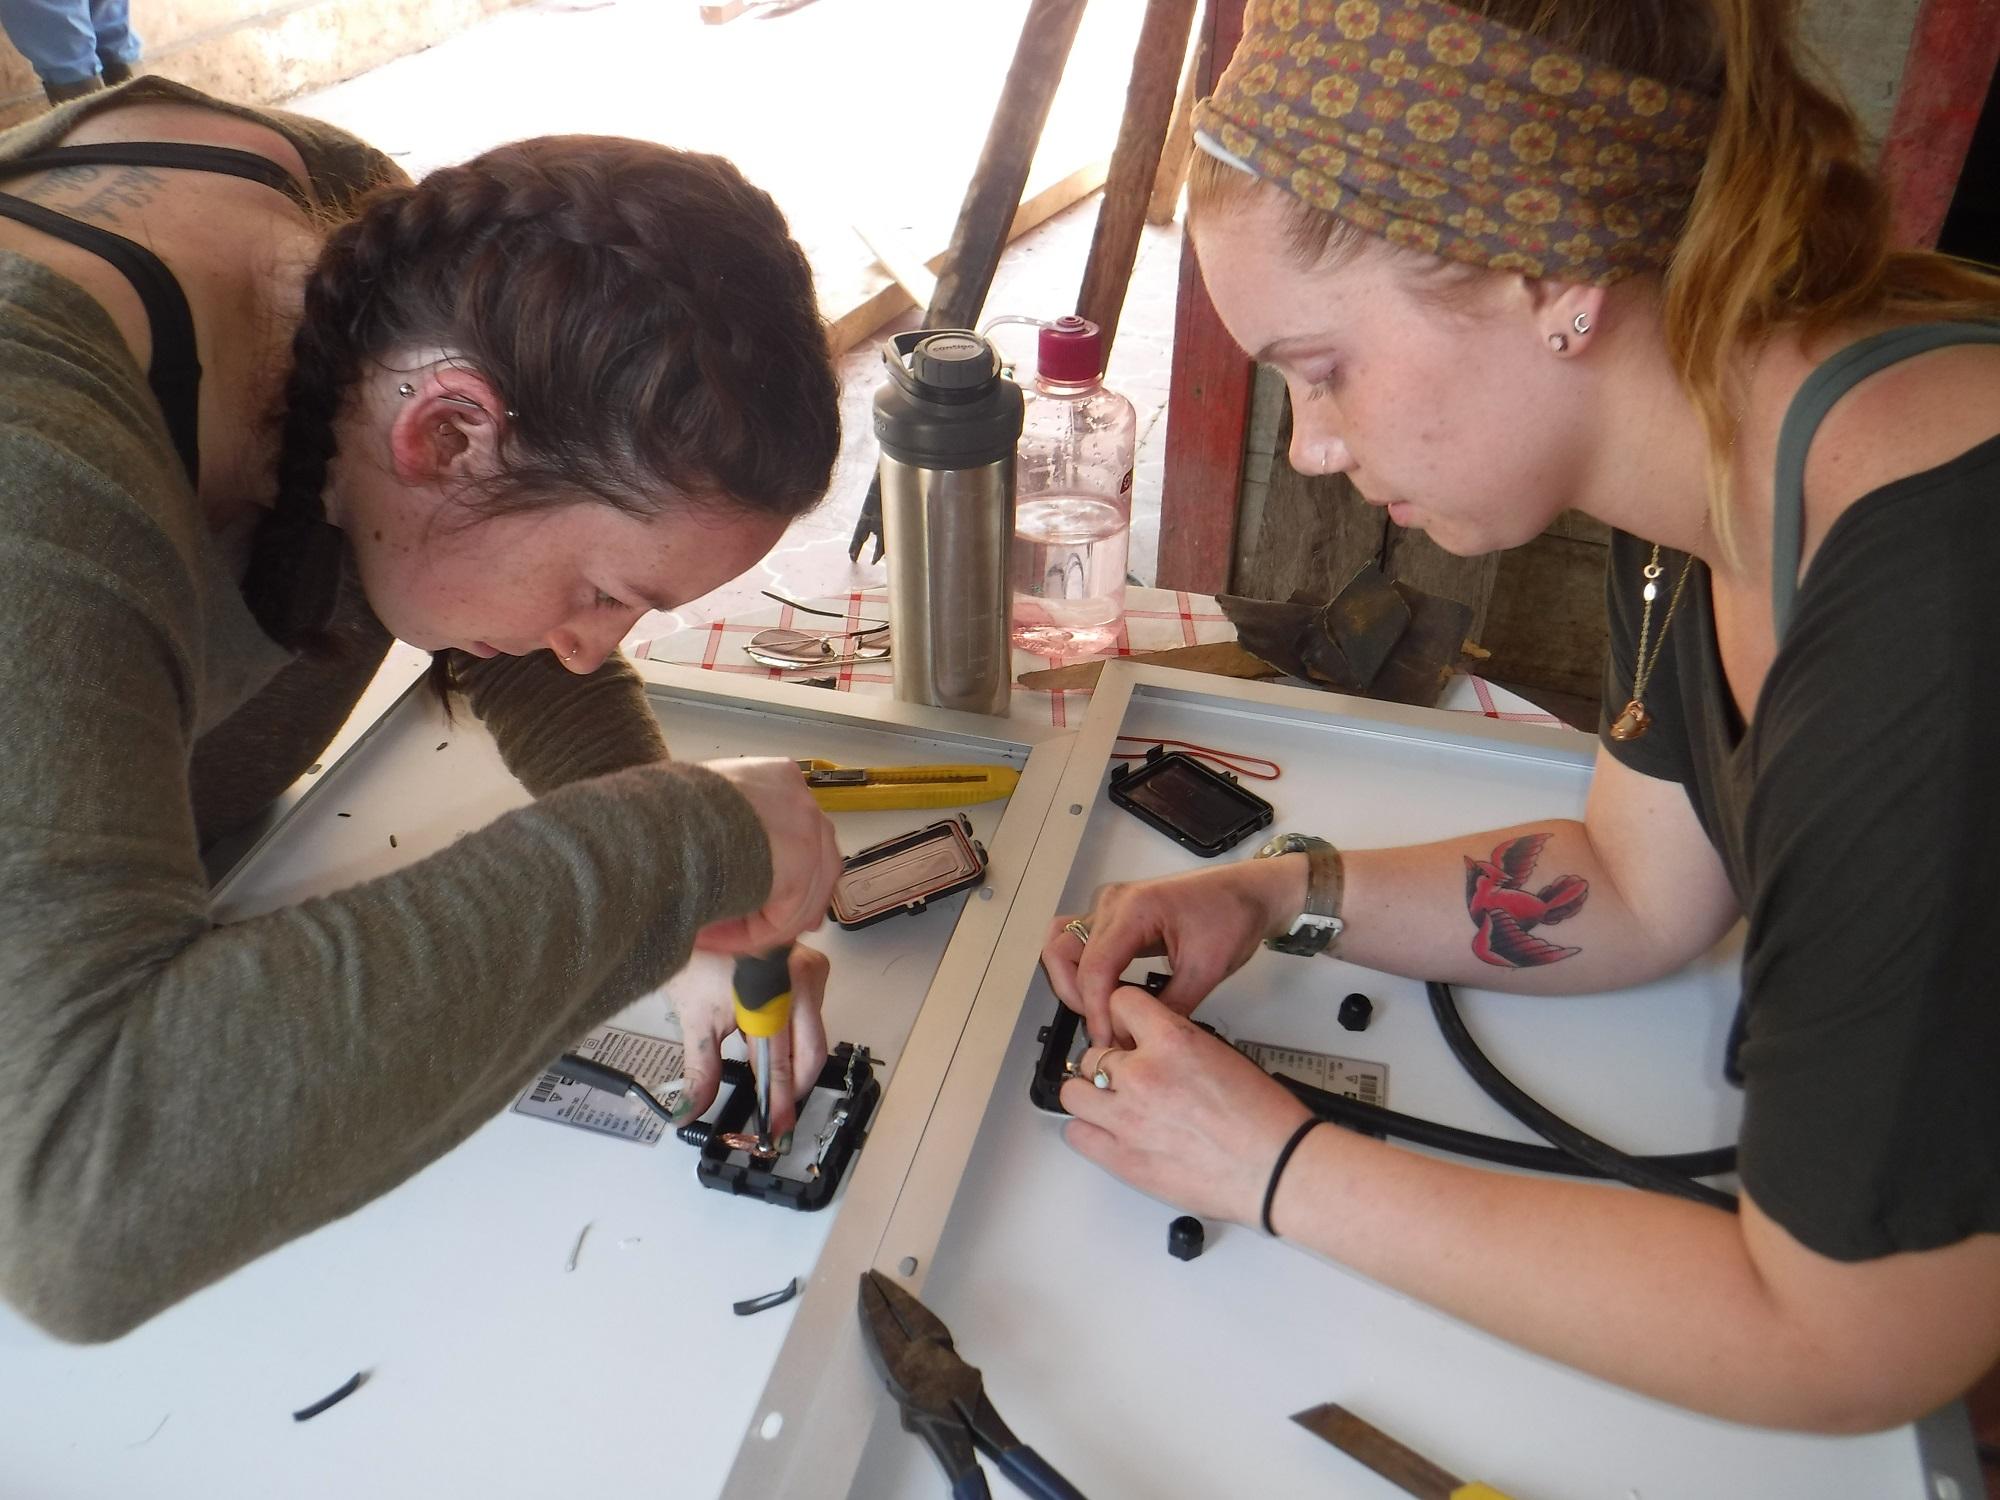 voluntarios de todo el mundo nos ayudan a instalar tecnología sostenible